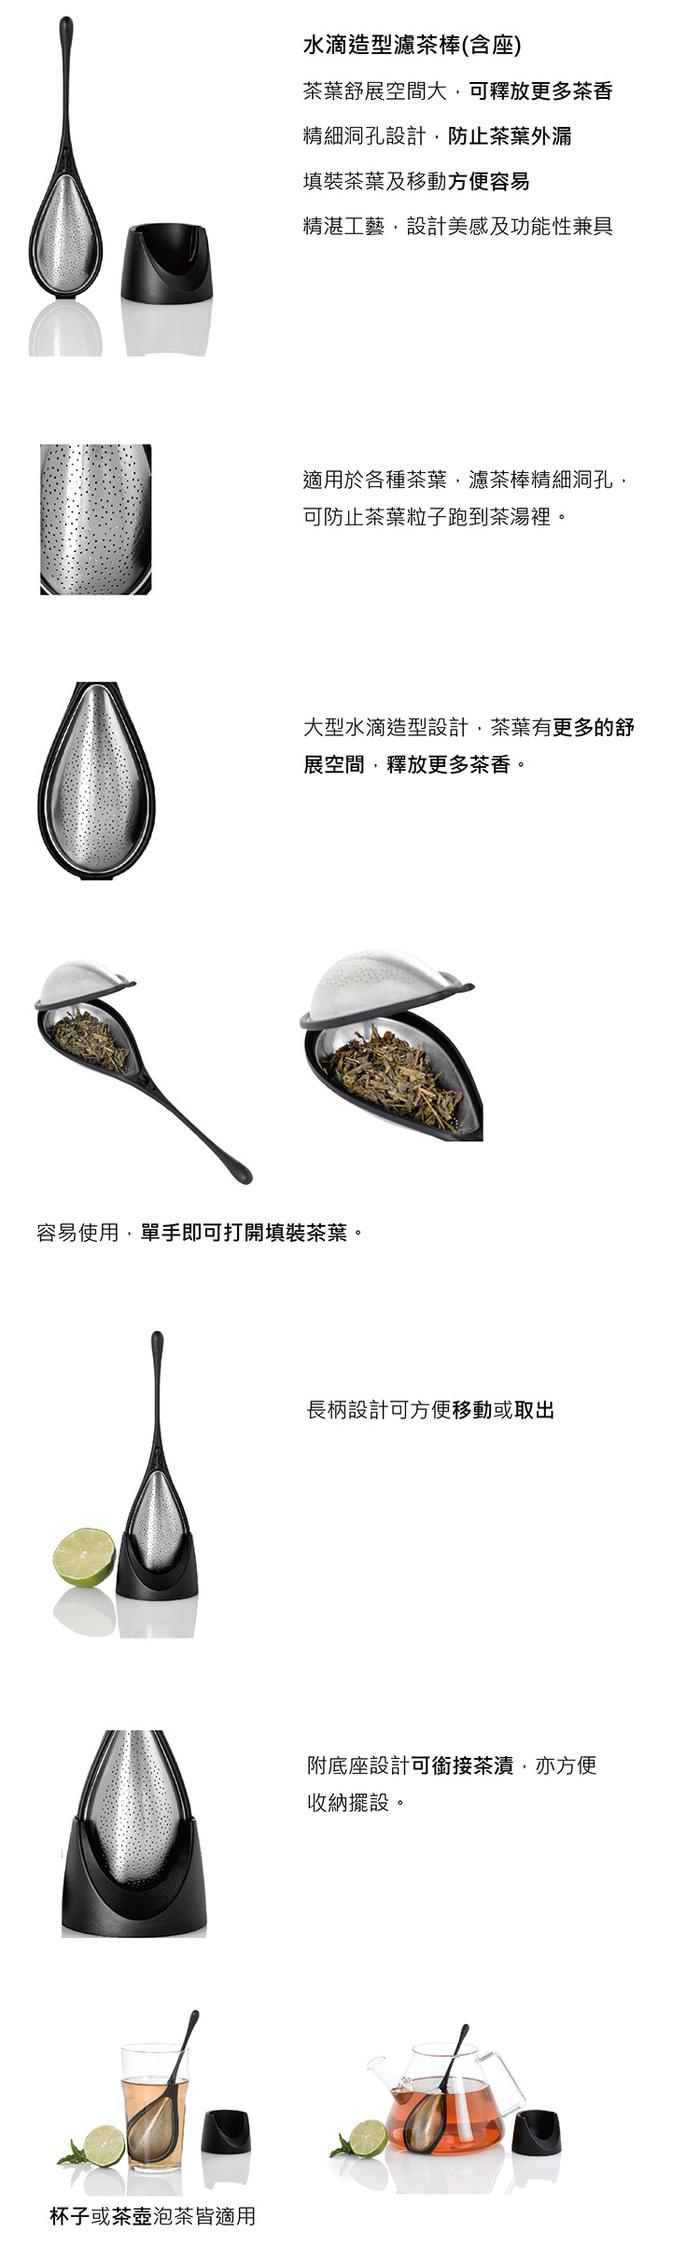 德國 AdHoc |水滴造型濾茶棒(含座)